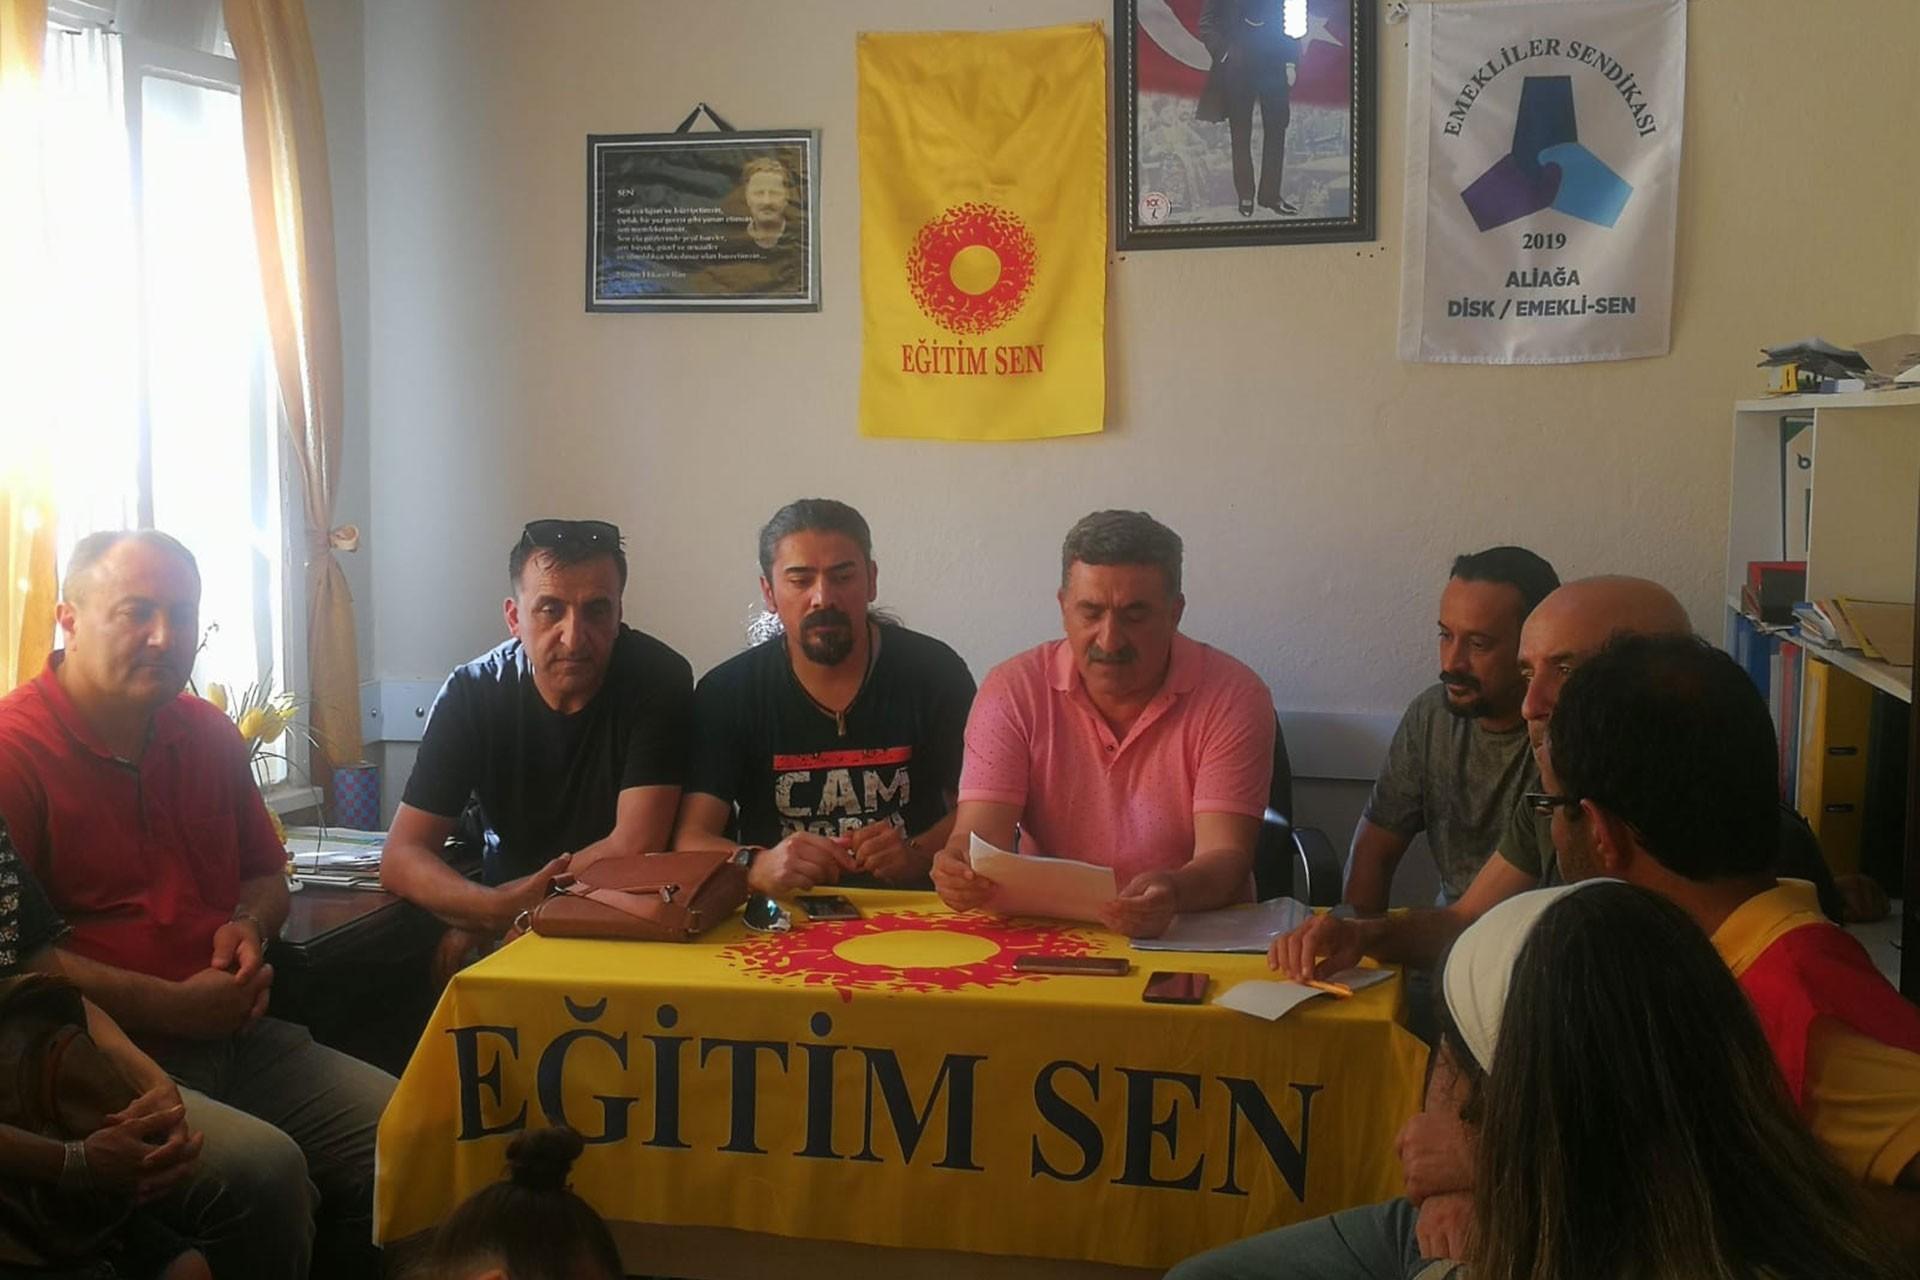 Eğitim Sen İzmir 2 Nolu Şube, Alp Kuyumcu'ya yönelik saldırıları kınadı